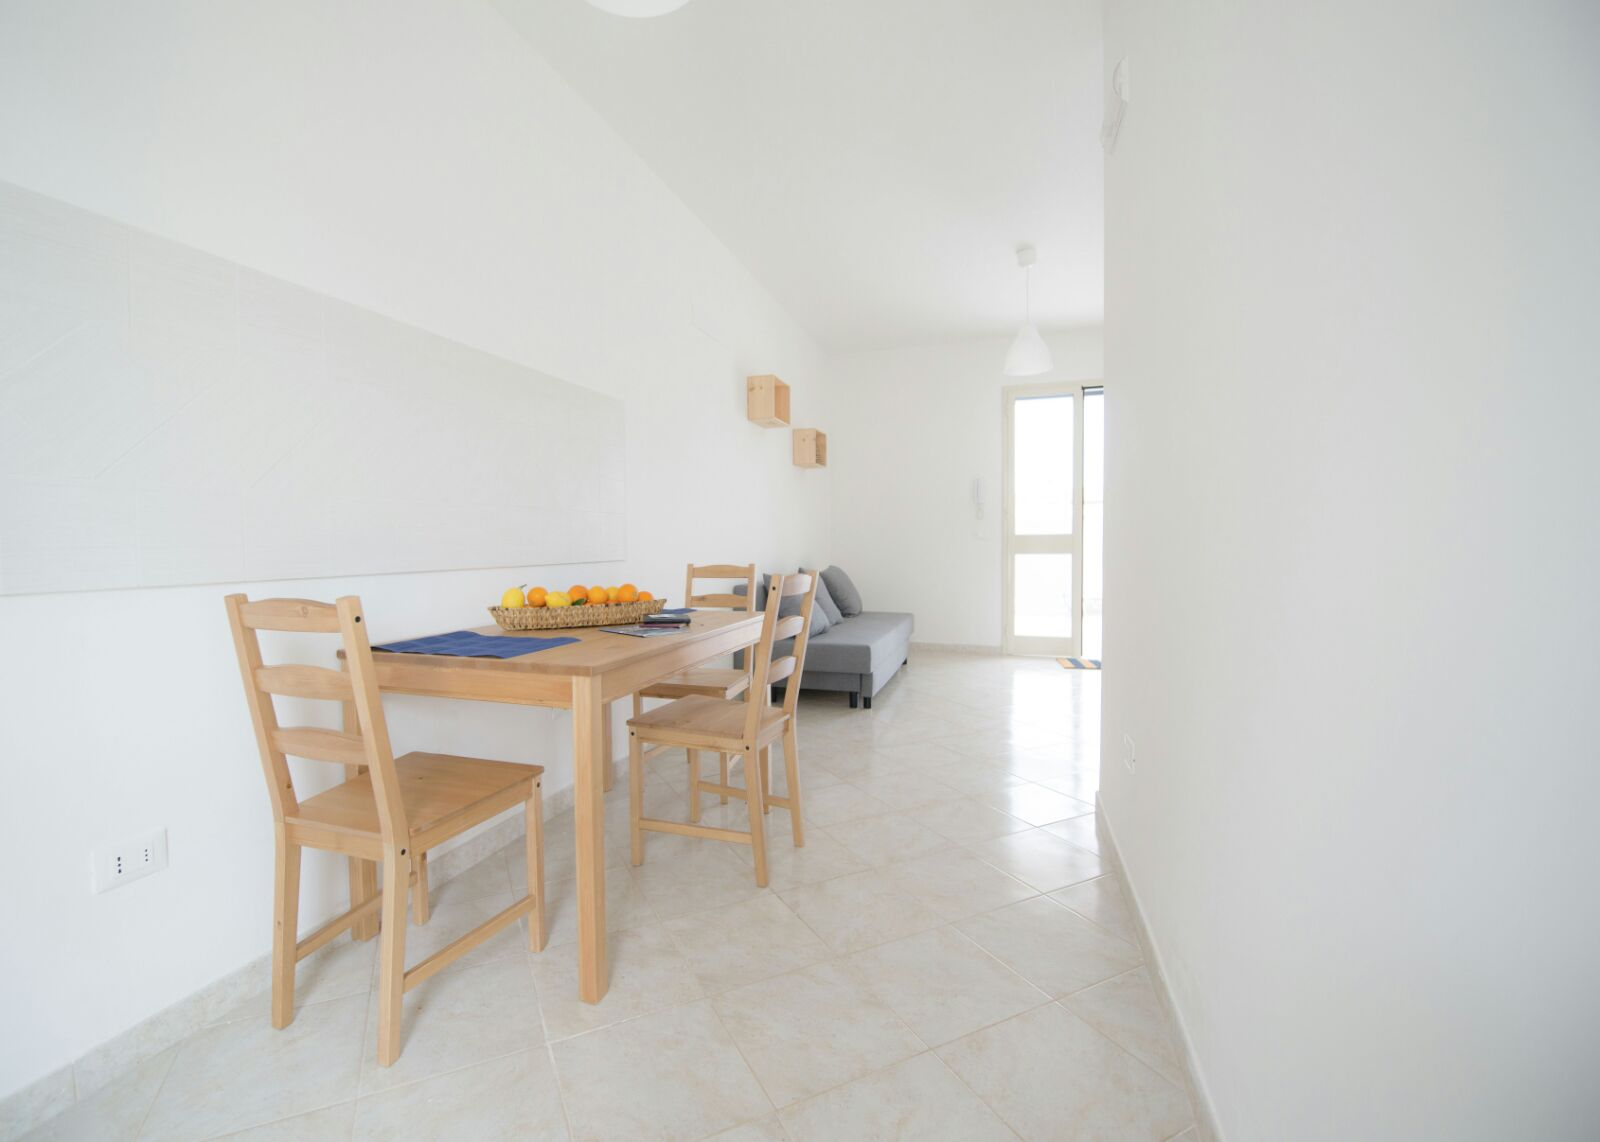 Sud 12 - Ville Sul Mediterraneo, Mazara del Vallo, Italy, best party hotels in Mazara del Vallo